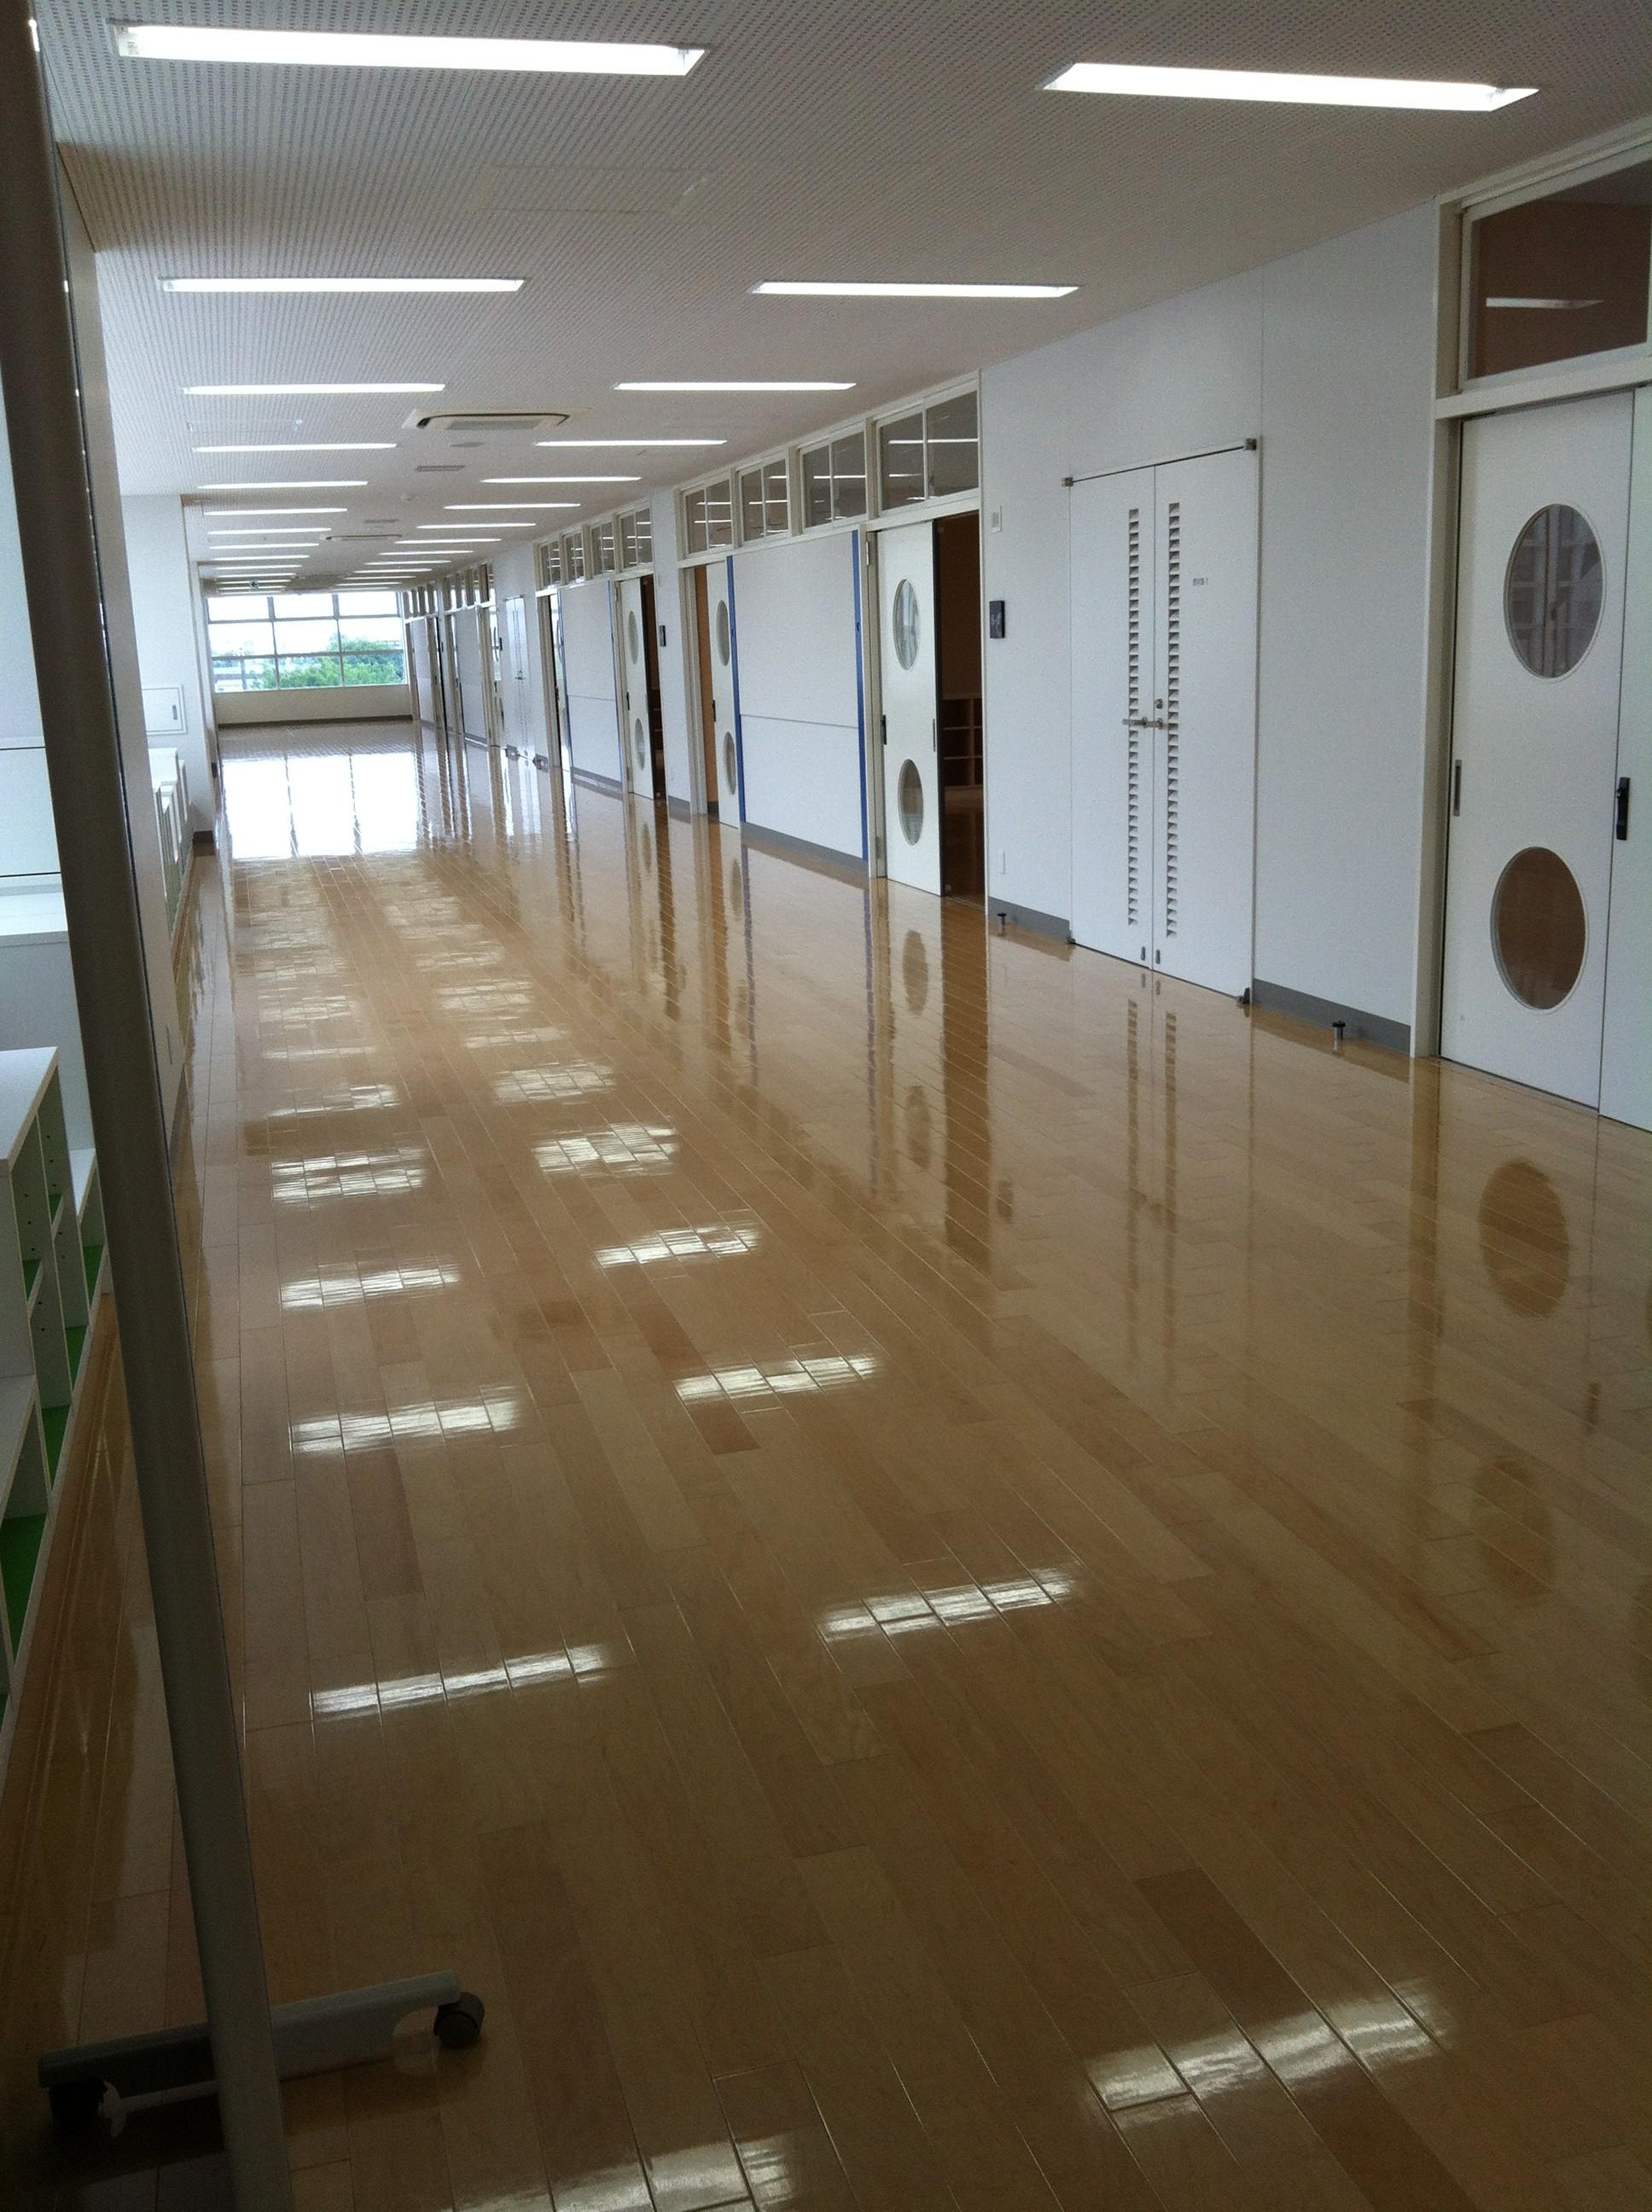 日本大学藤沢小学校の廊下が広い画像キャプチャ